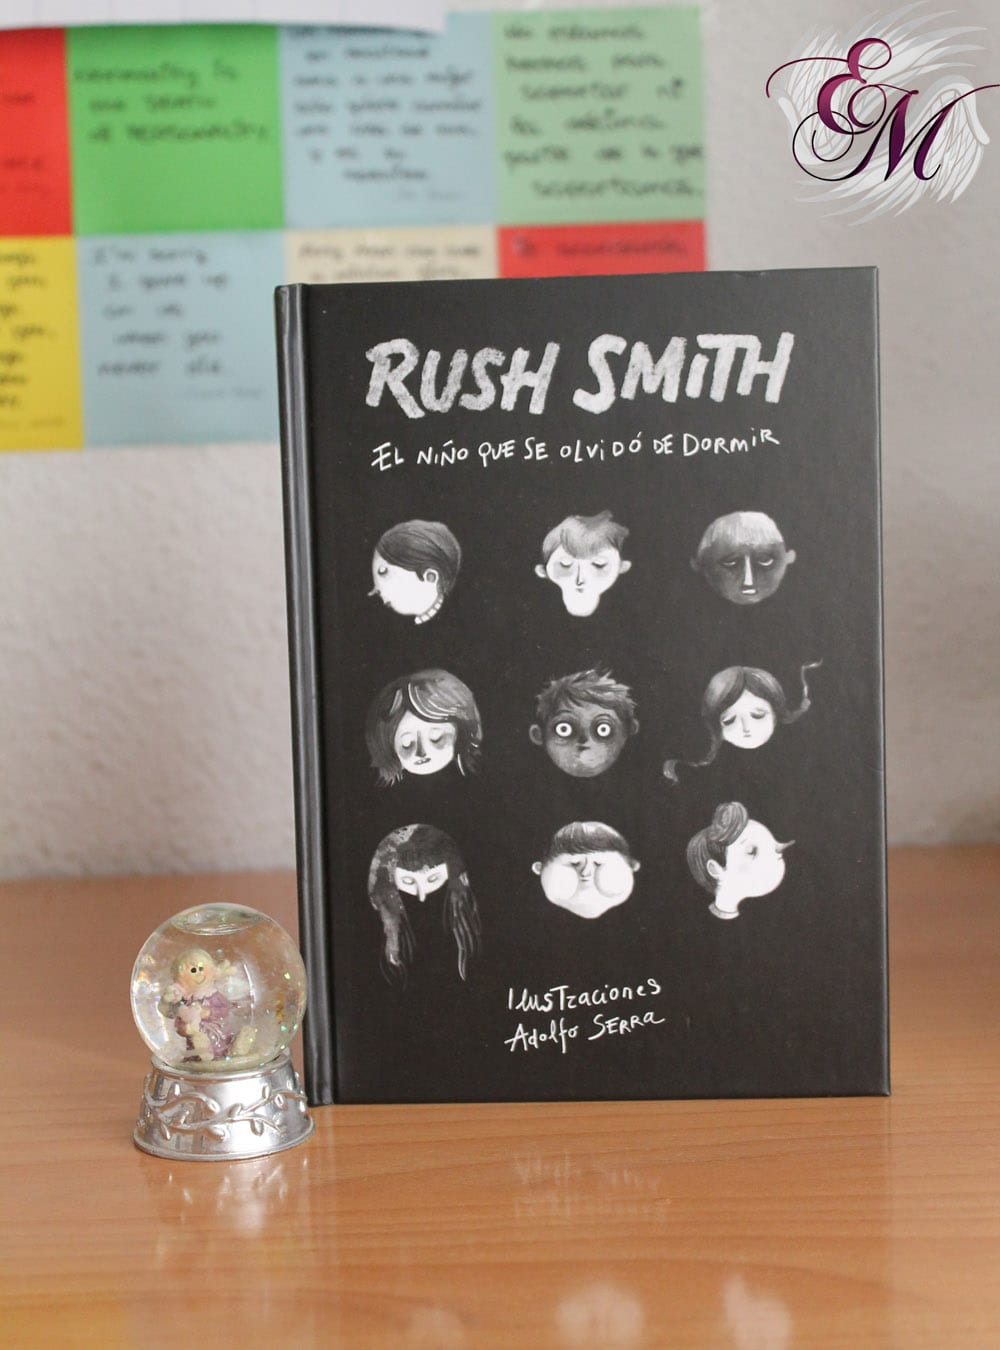 El niño que se olvidó de dormir, de Rush Smith - Reseña